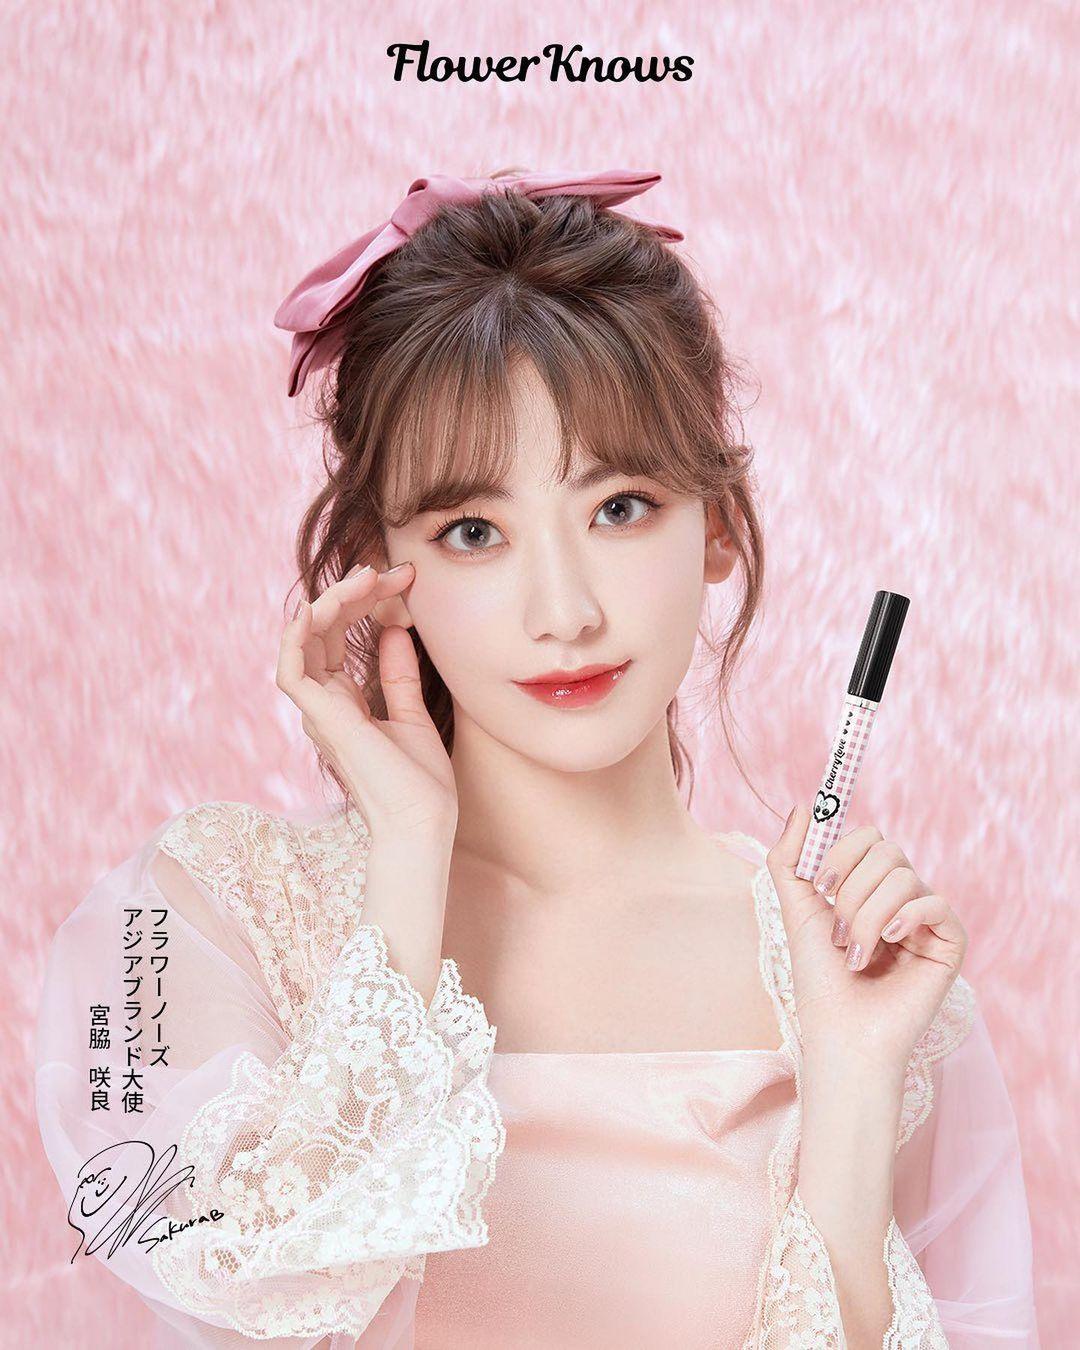 Việc ra mắt thương hiệu riêng đánh dấu một bước tiến mới của Sakura trong lĩnh vực mỹ phẩm. Dù còn là gương mặt khá mới, mỹ nhân IZONE đã liên tiếp được mời làm đại sứ, gương mặt đại diện cho các dòng sản phẩm làm đẹp. Asian Brand Ambassador of makeup brand Flower Knows